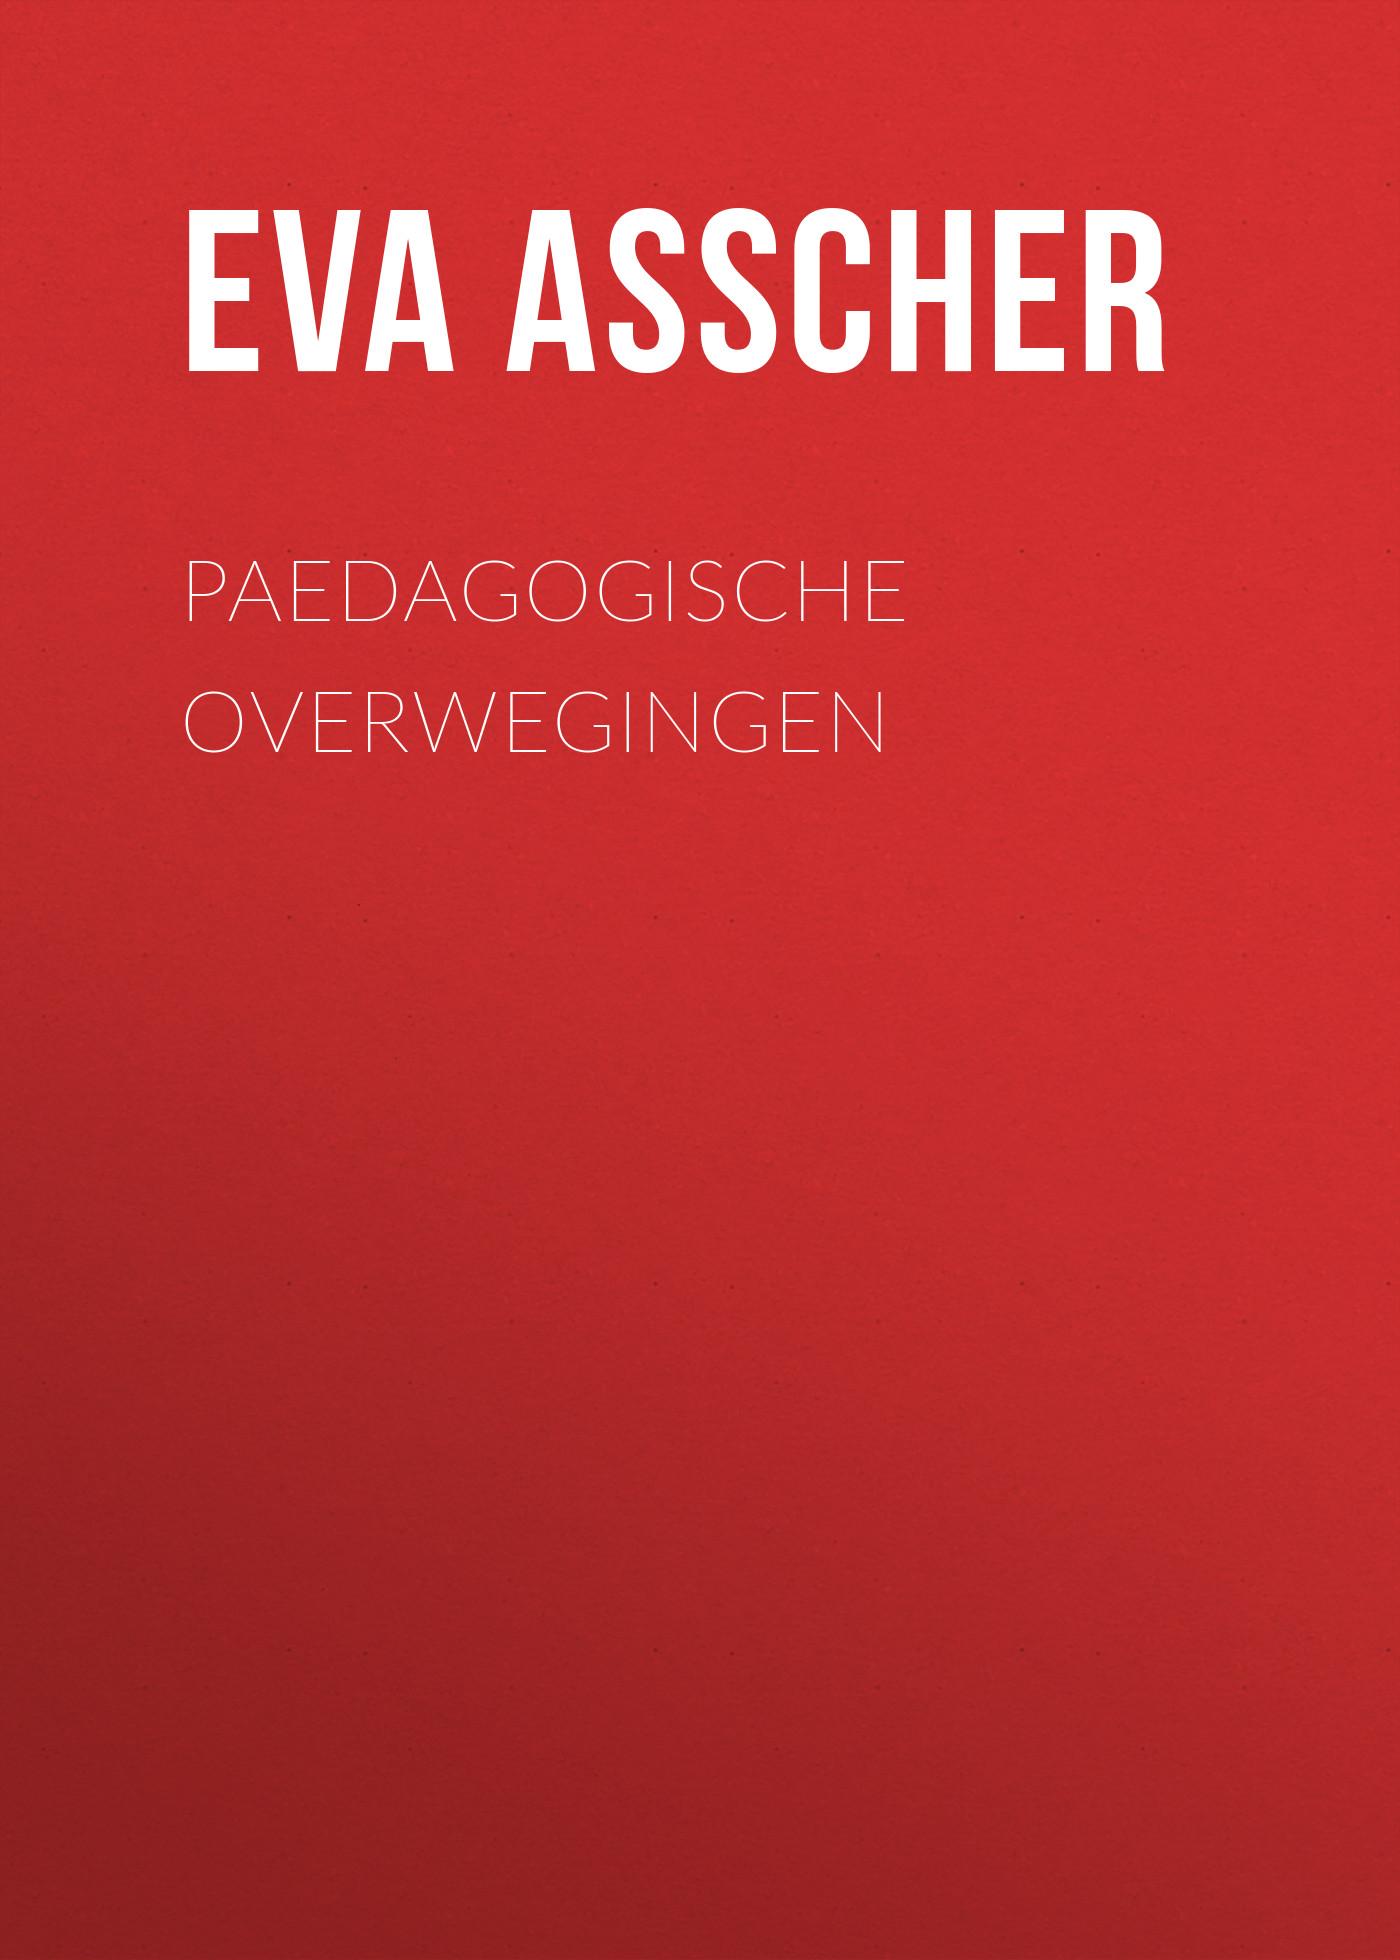 Asscher Eva Wilhelmina Paedagogische Overwegingen wilhelmina defining beauty